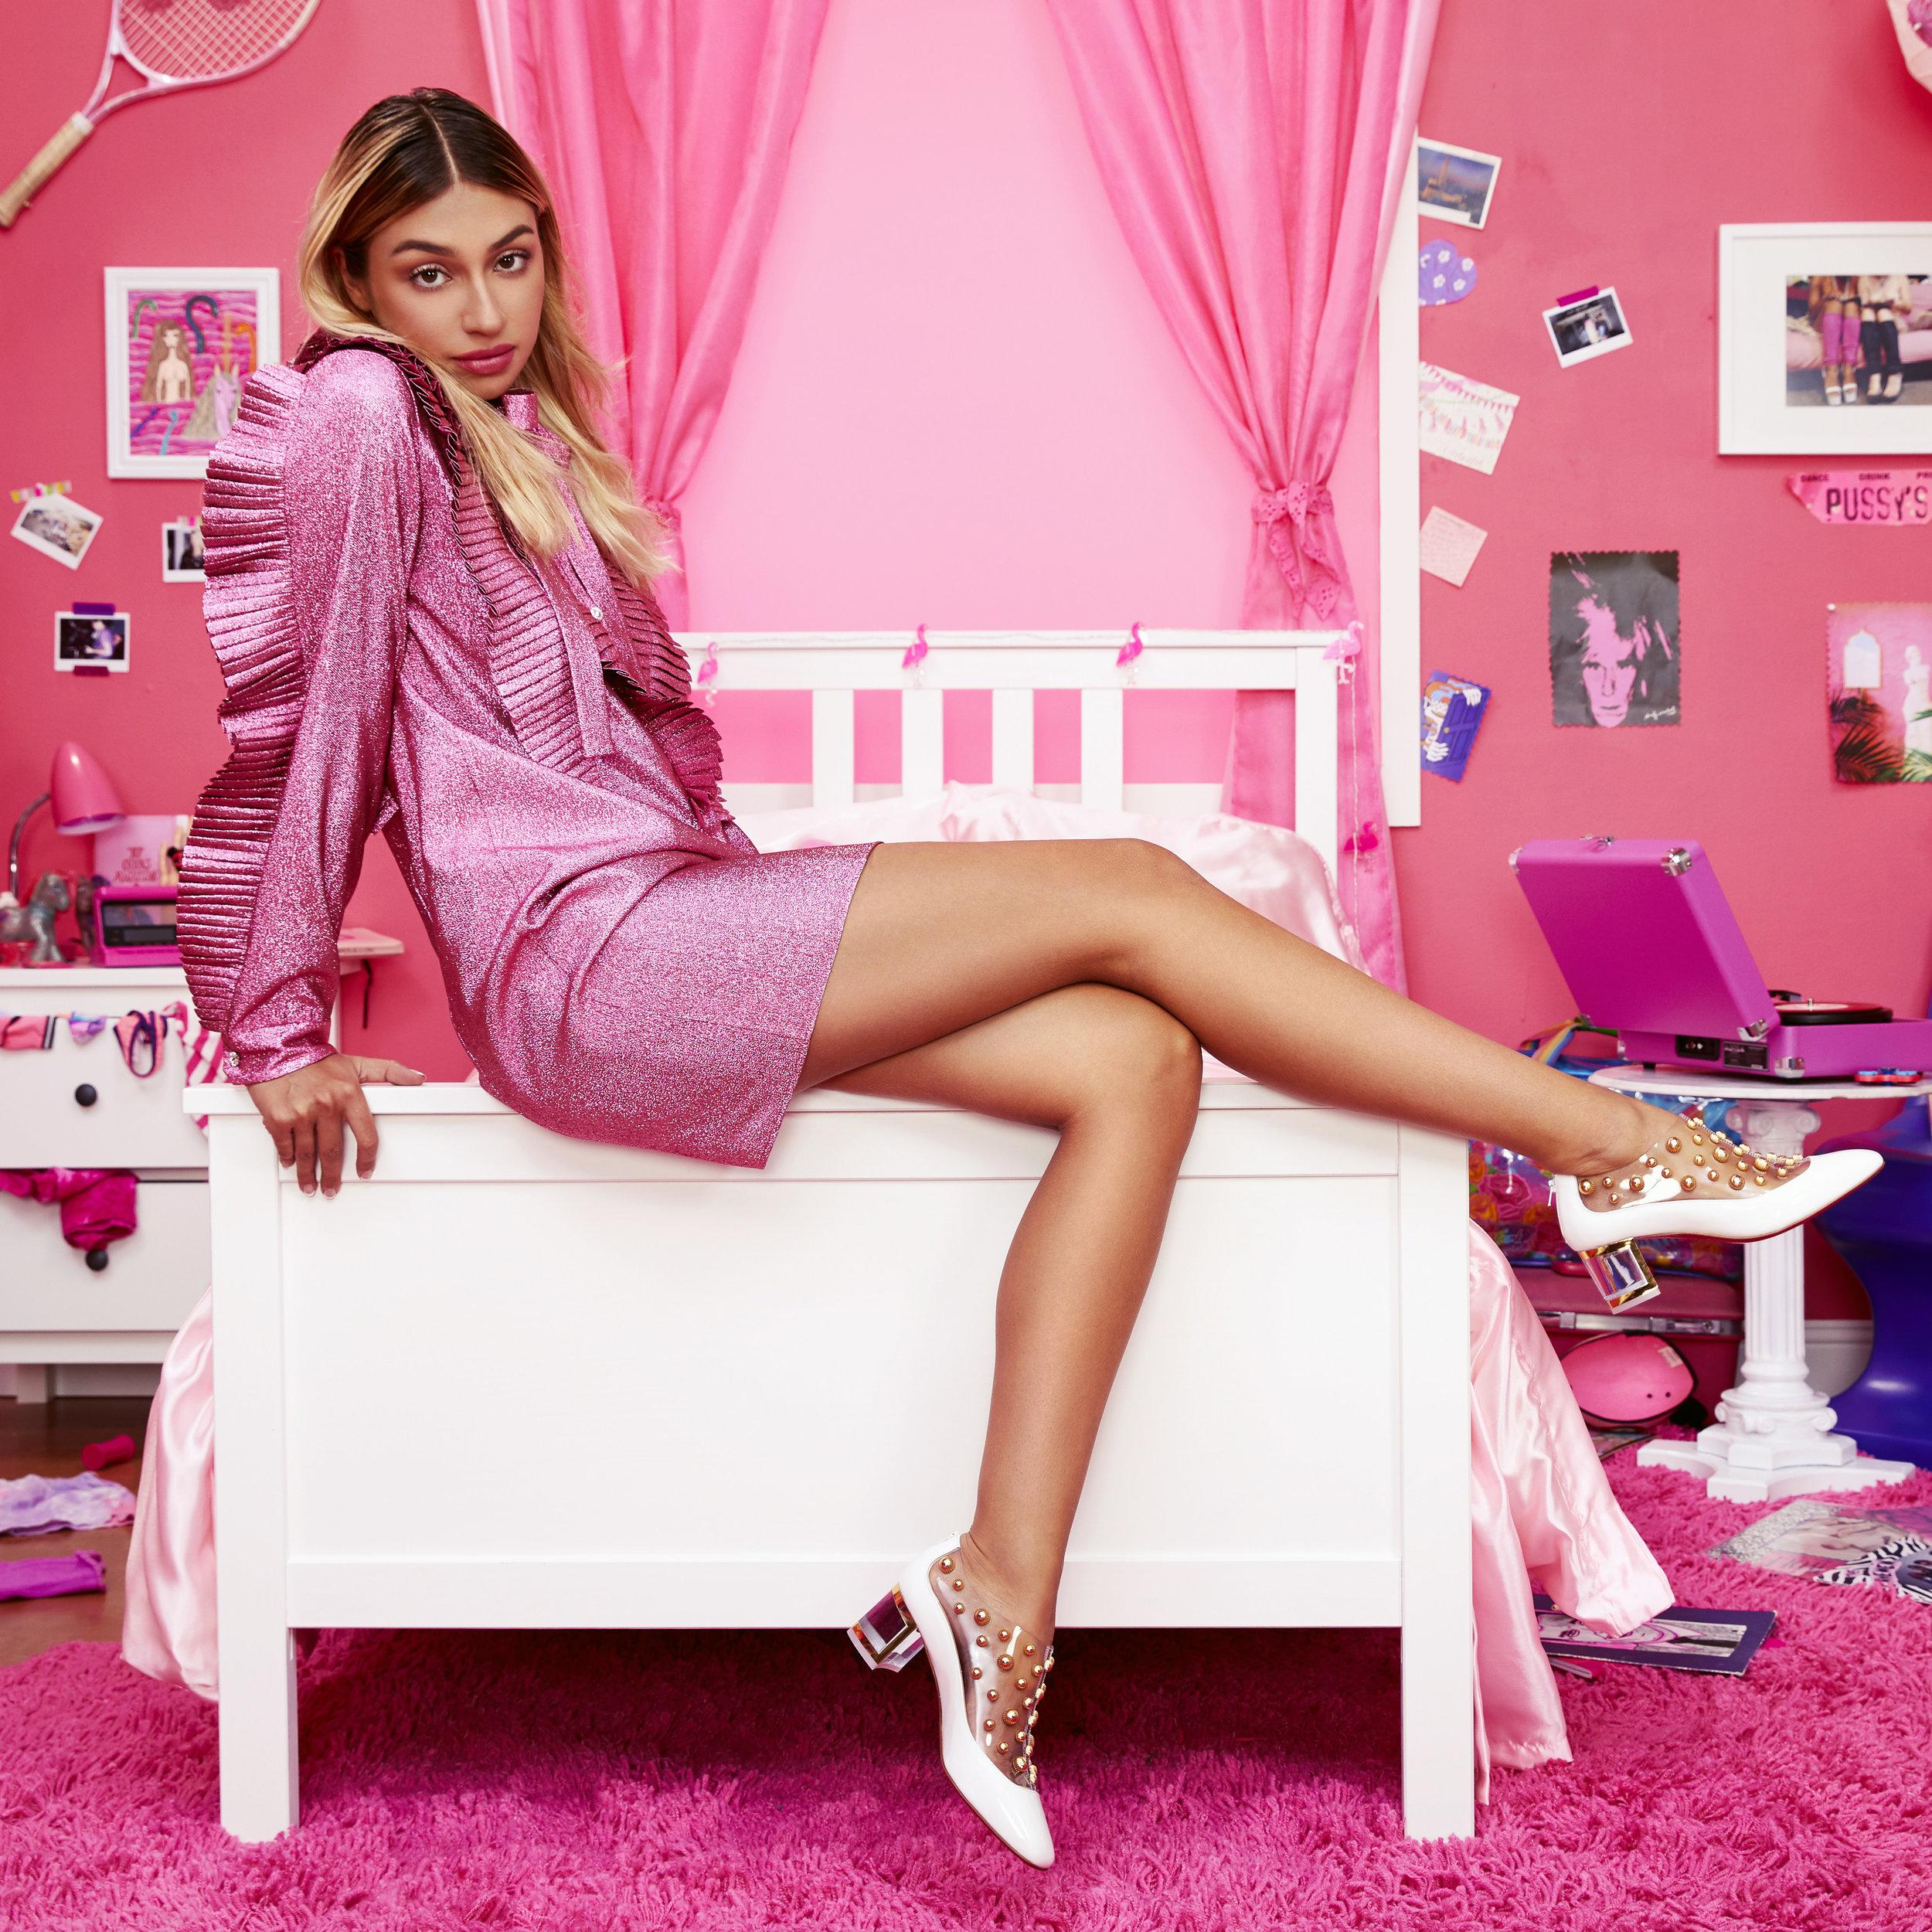 180826_pink_room_test_look2_1759_edit.jpg